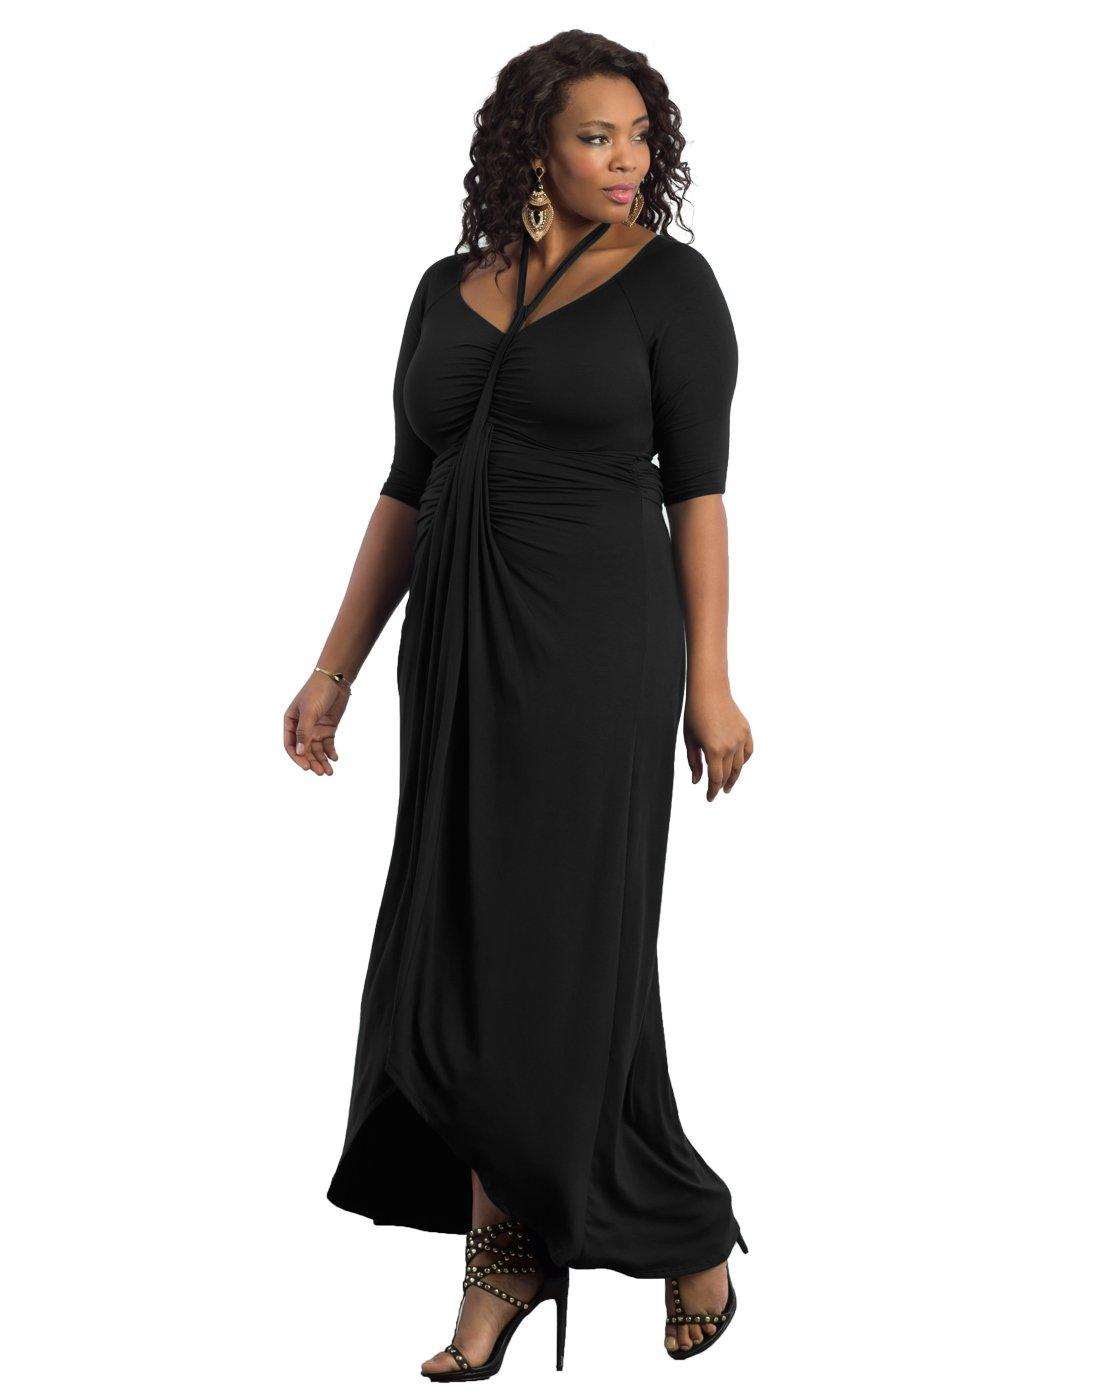 Kiyonna Women's Plus Size Divine Draped Maxi Dress 2X Black Noir